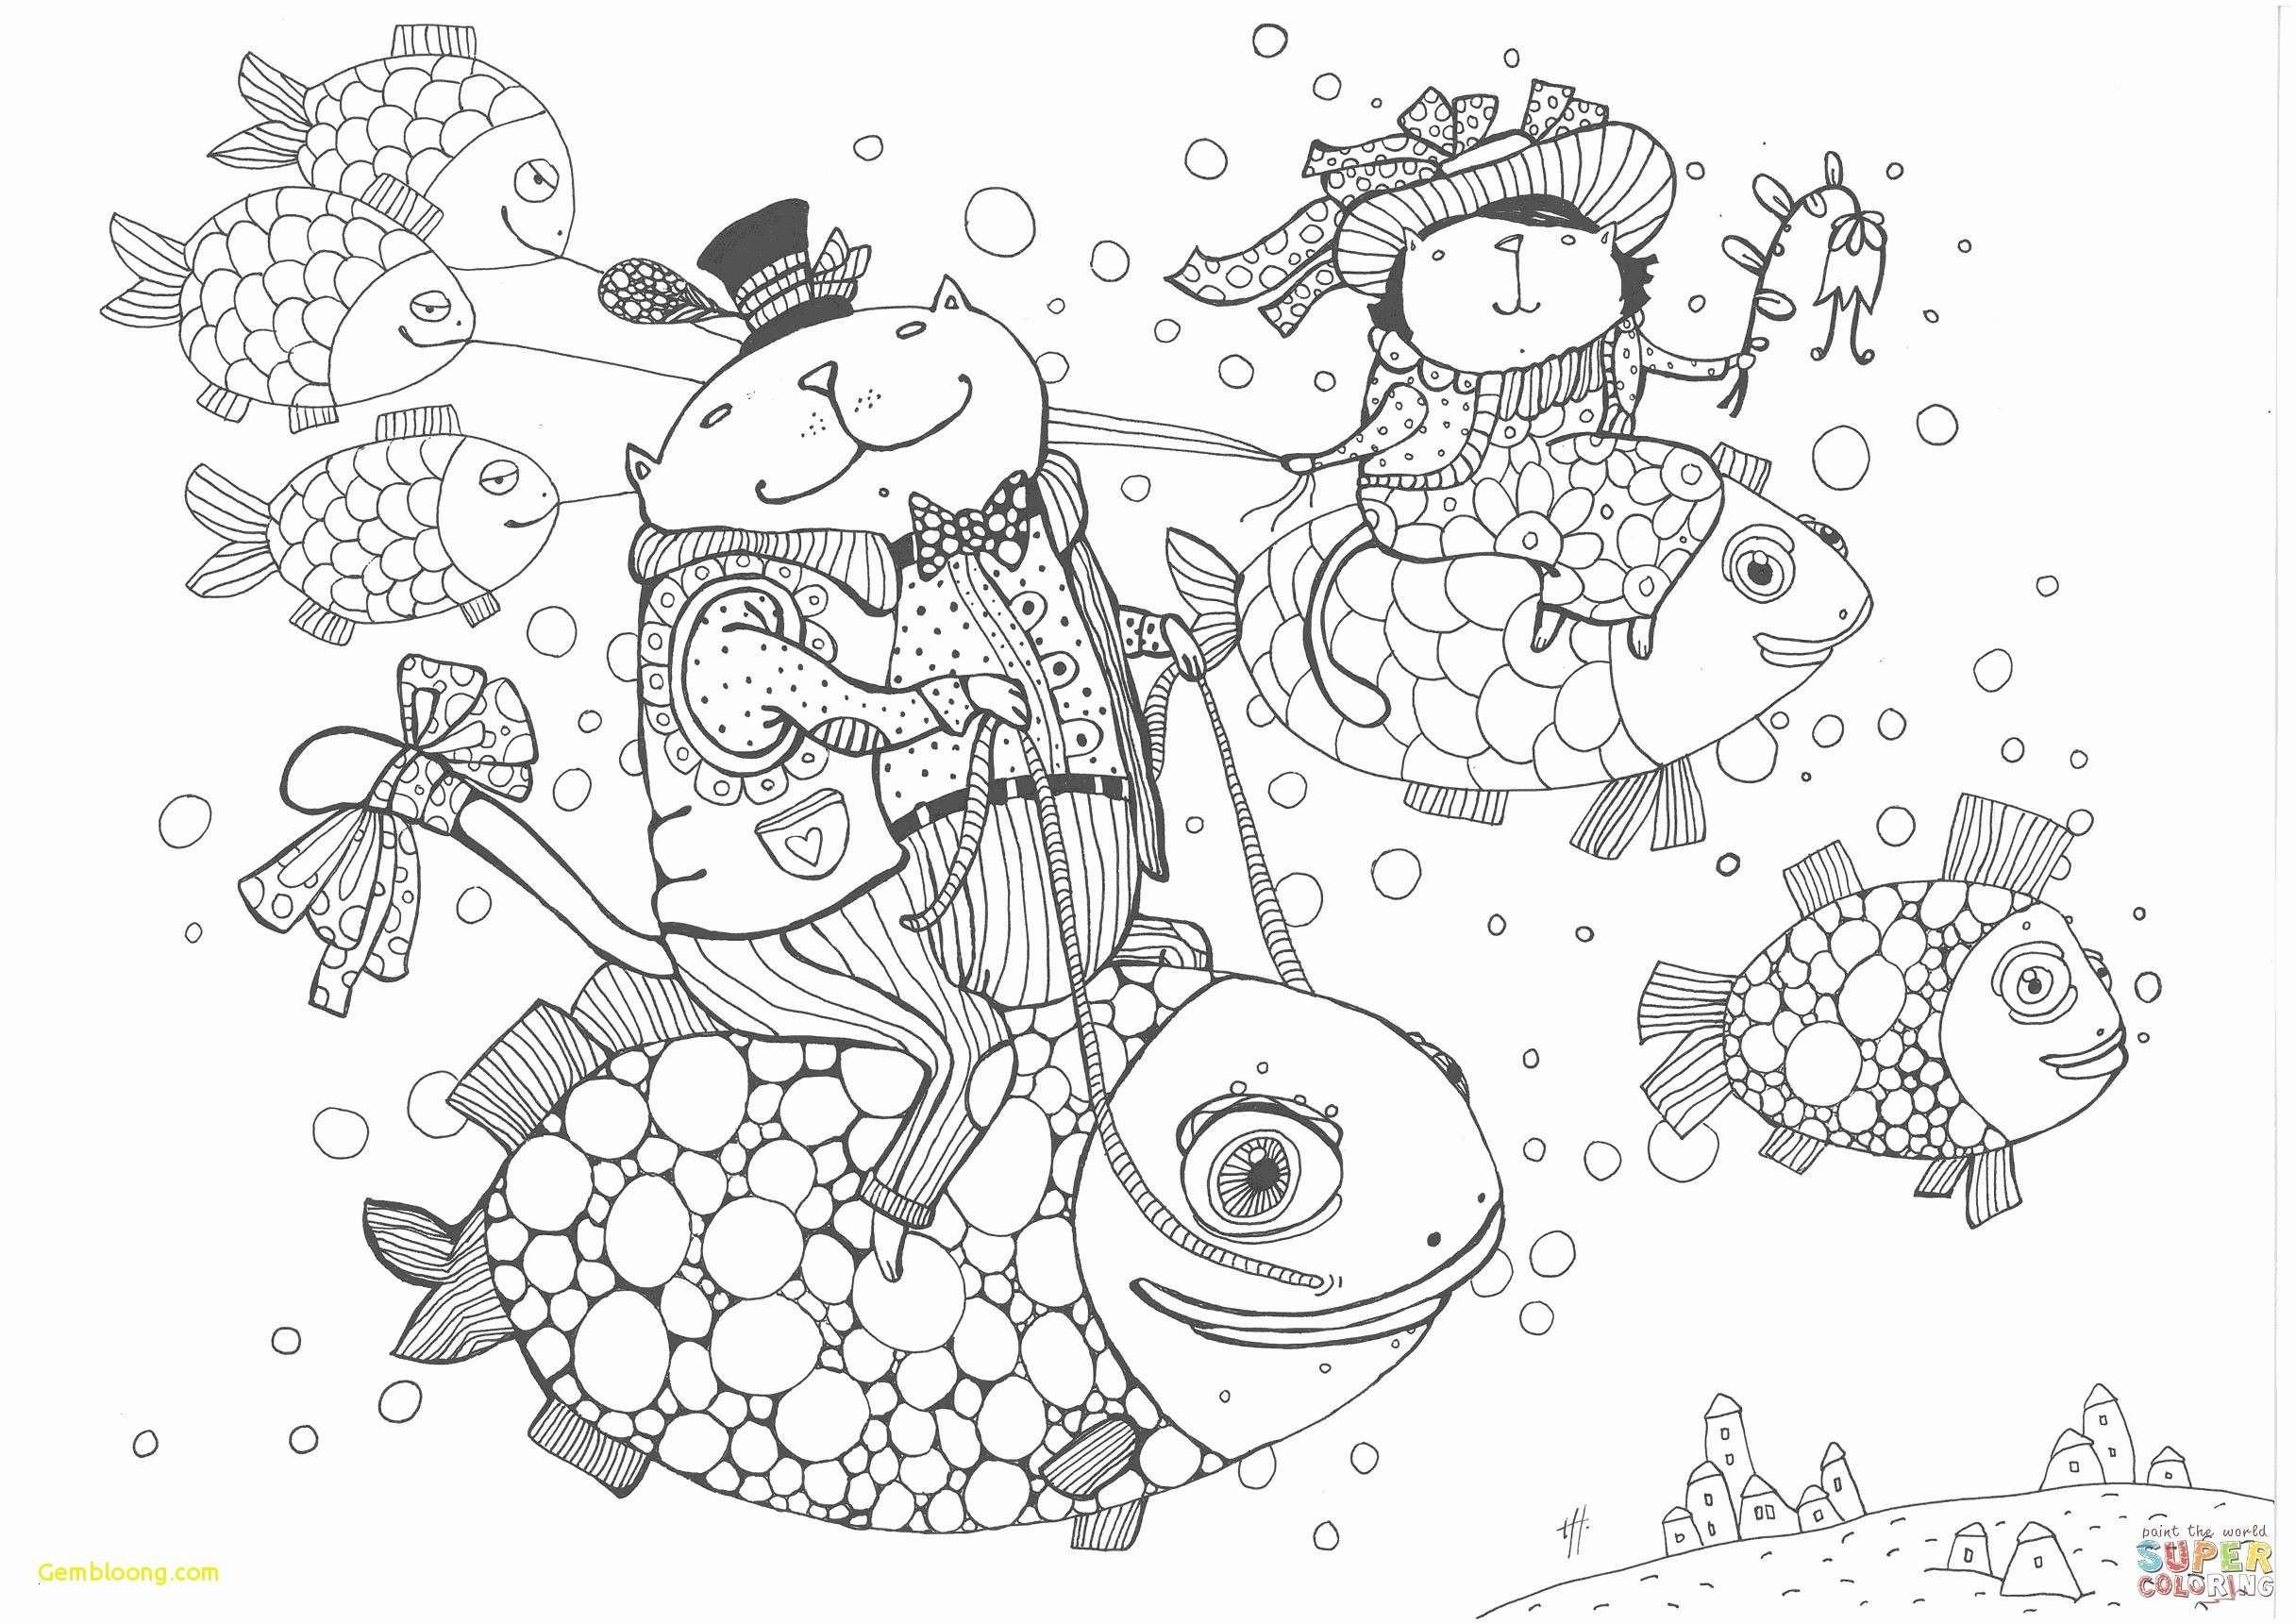 Ausmalbilder Weihnachten Mandala Genial 35 Ausmalbilder Mandala Weihnachten forstergallery Bilder